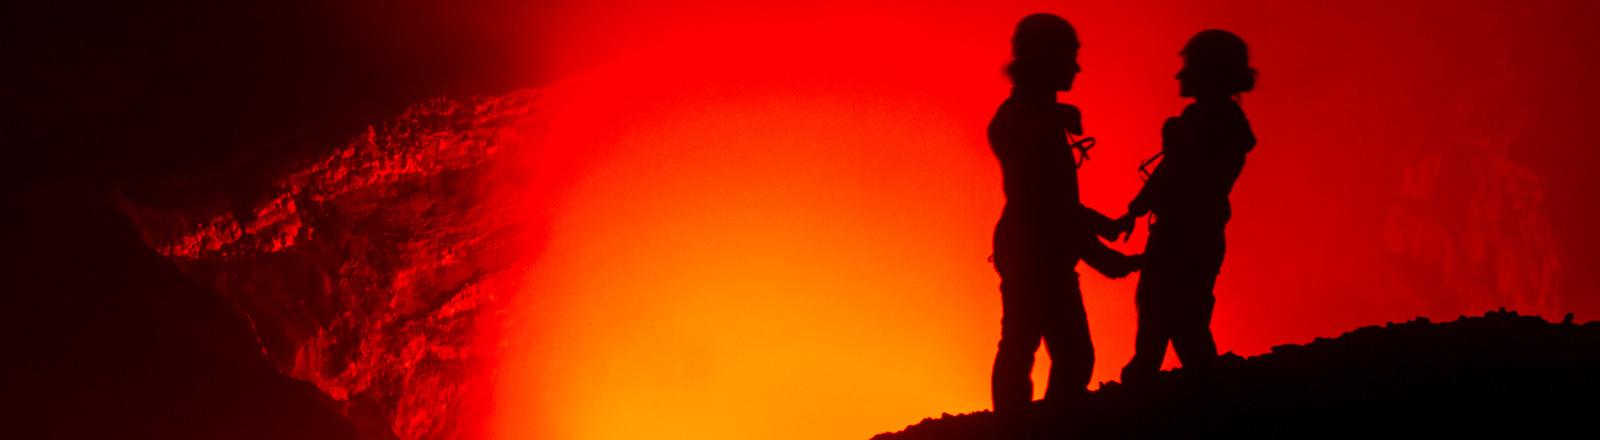 Ulla Lohmann und Basti am Rande des Vulkans